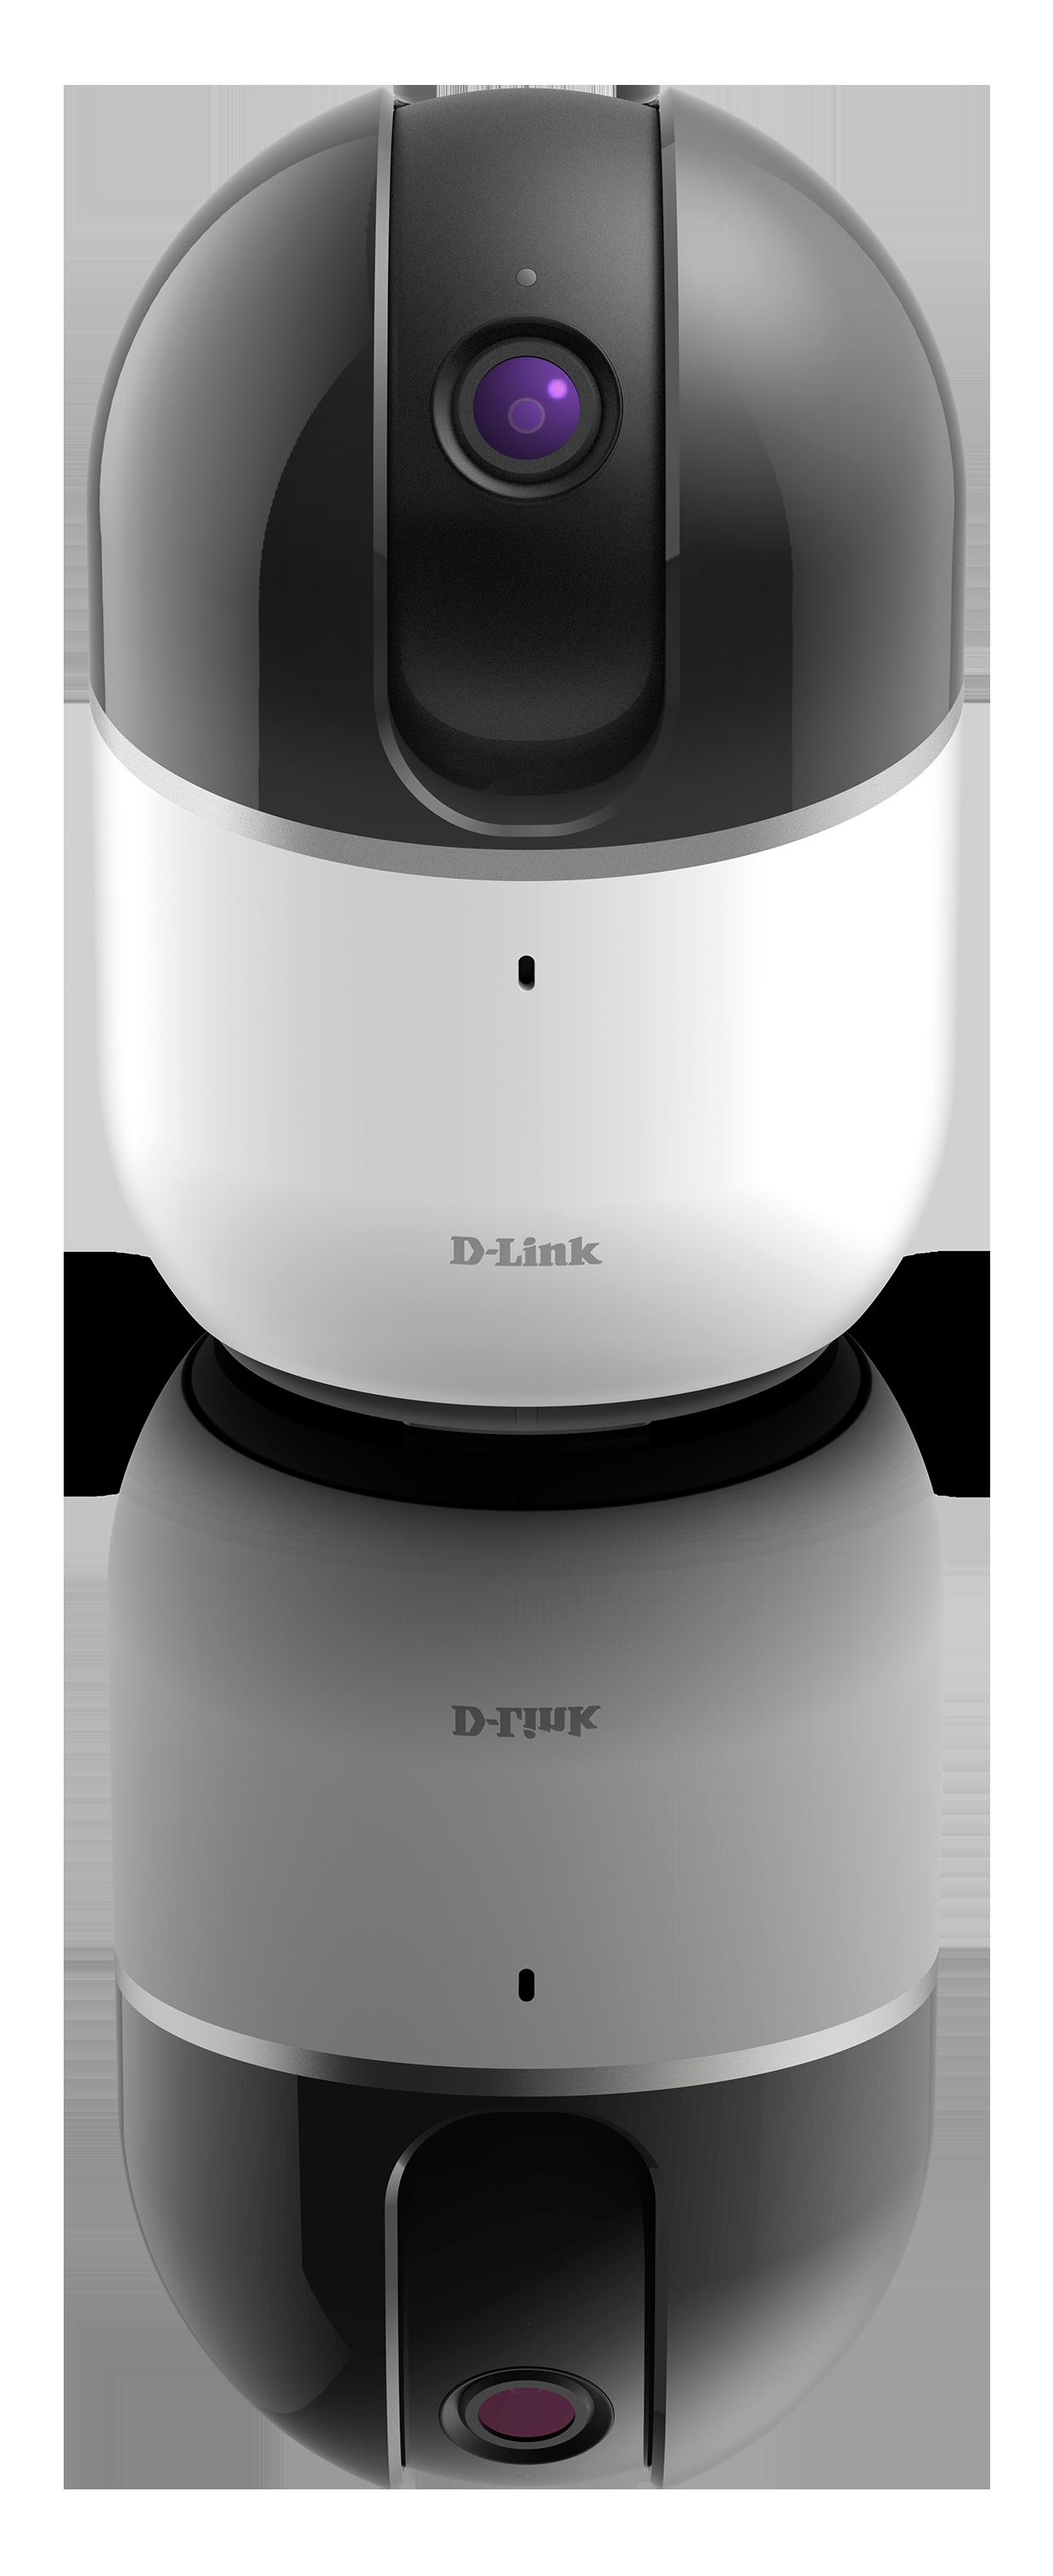 files dlink com au - /Products/DCS-8515LH/Images/